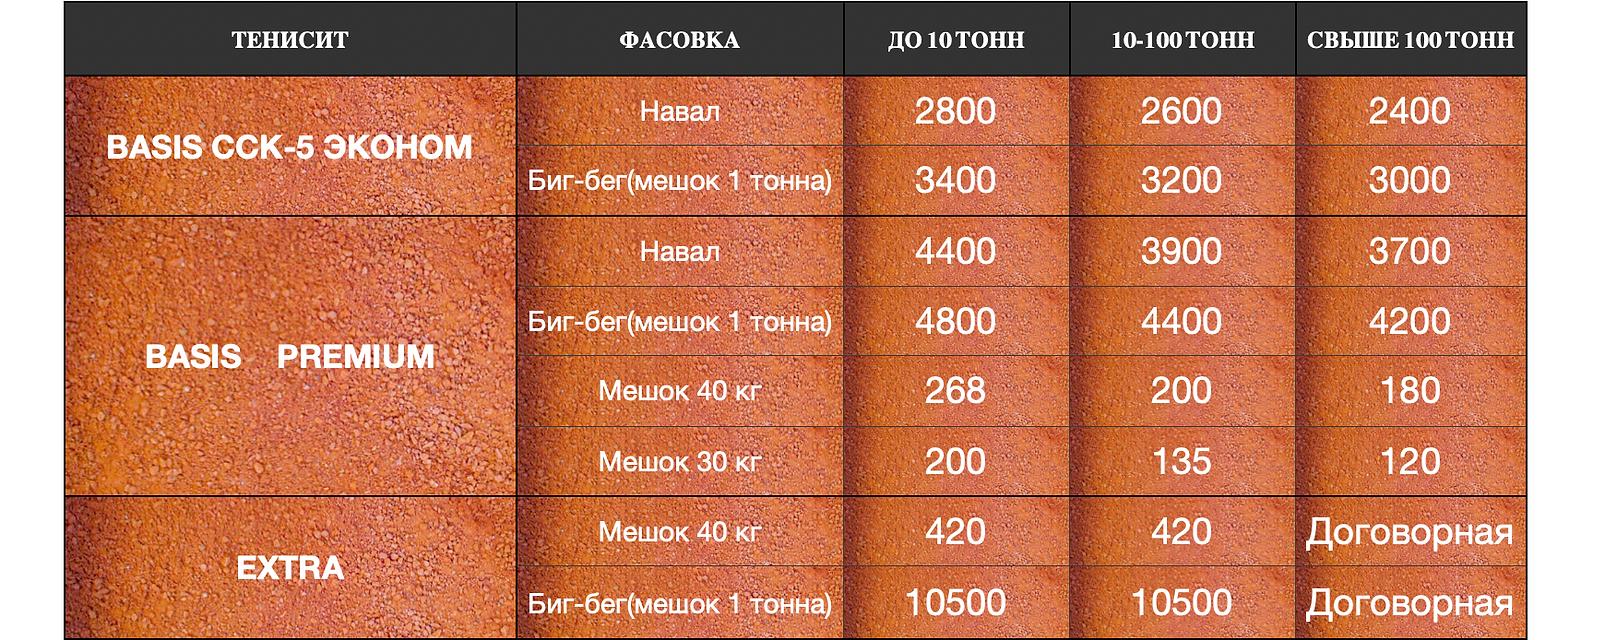 Снимок экрана 2021-04-26 в 16.49.35.png